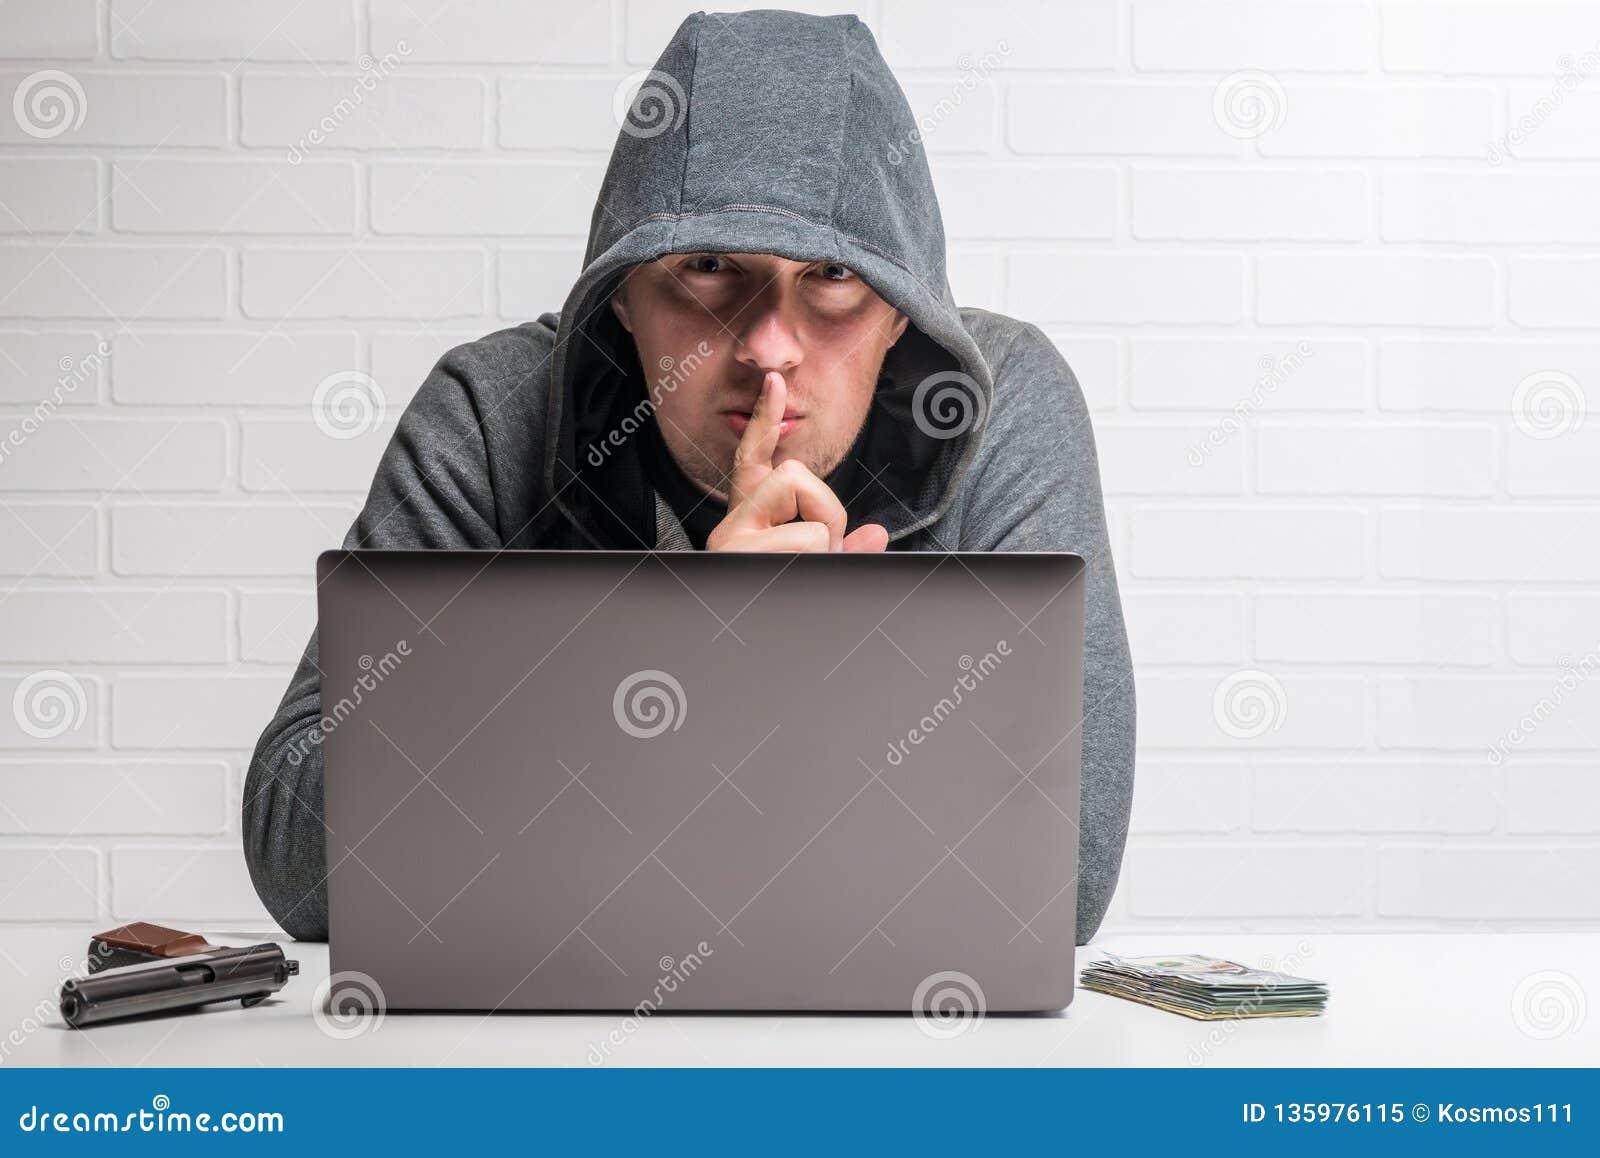 Портрет уголовного хакера с концепцией тетради, оружия и денег